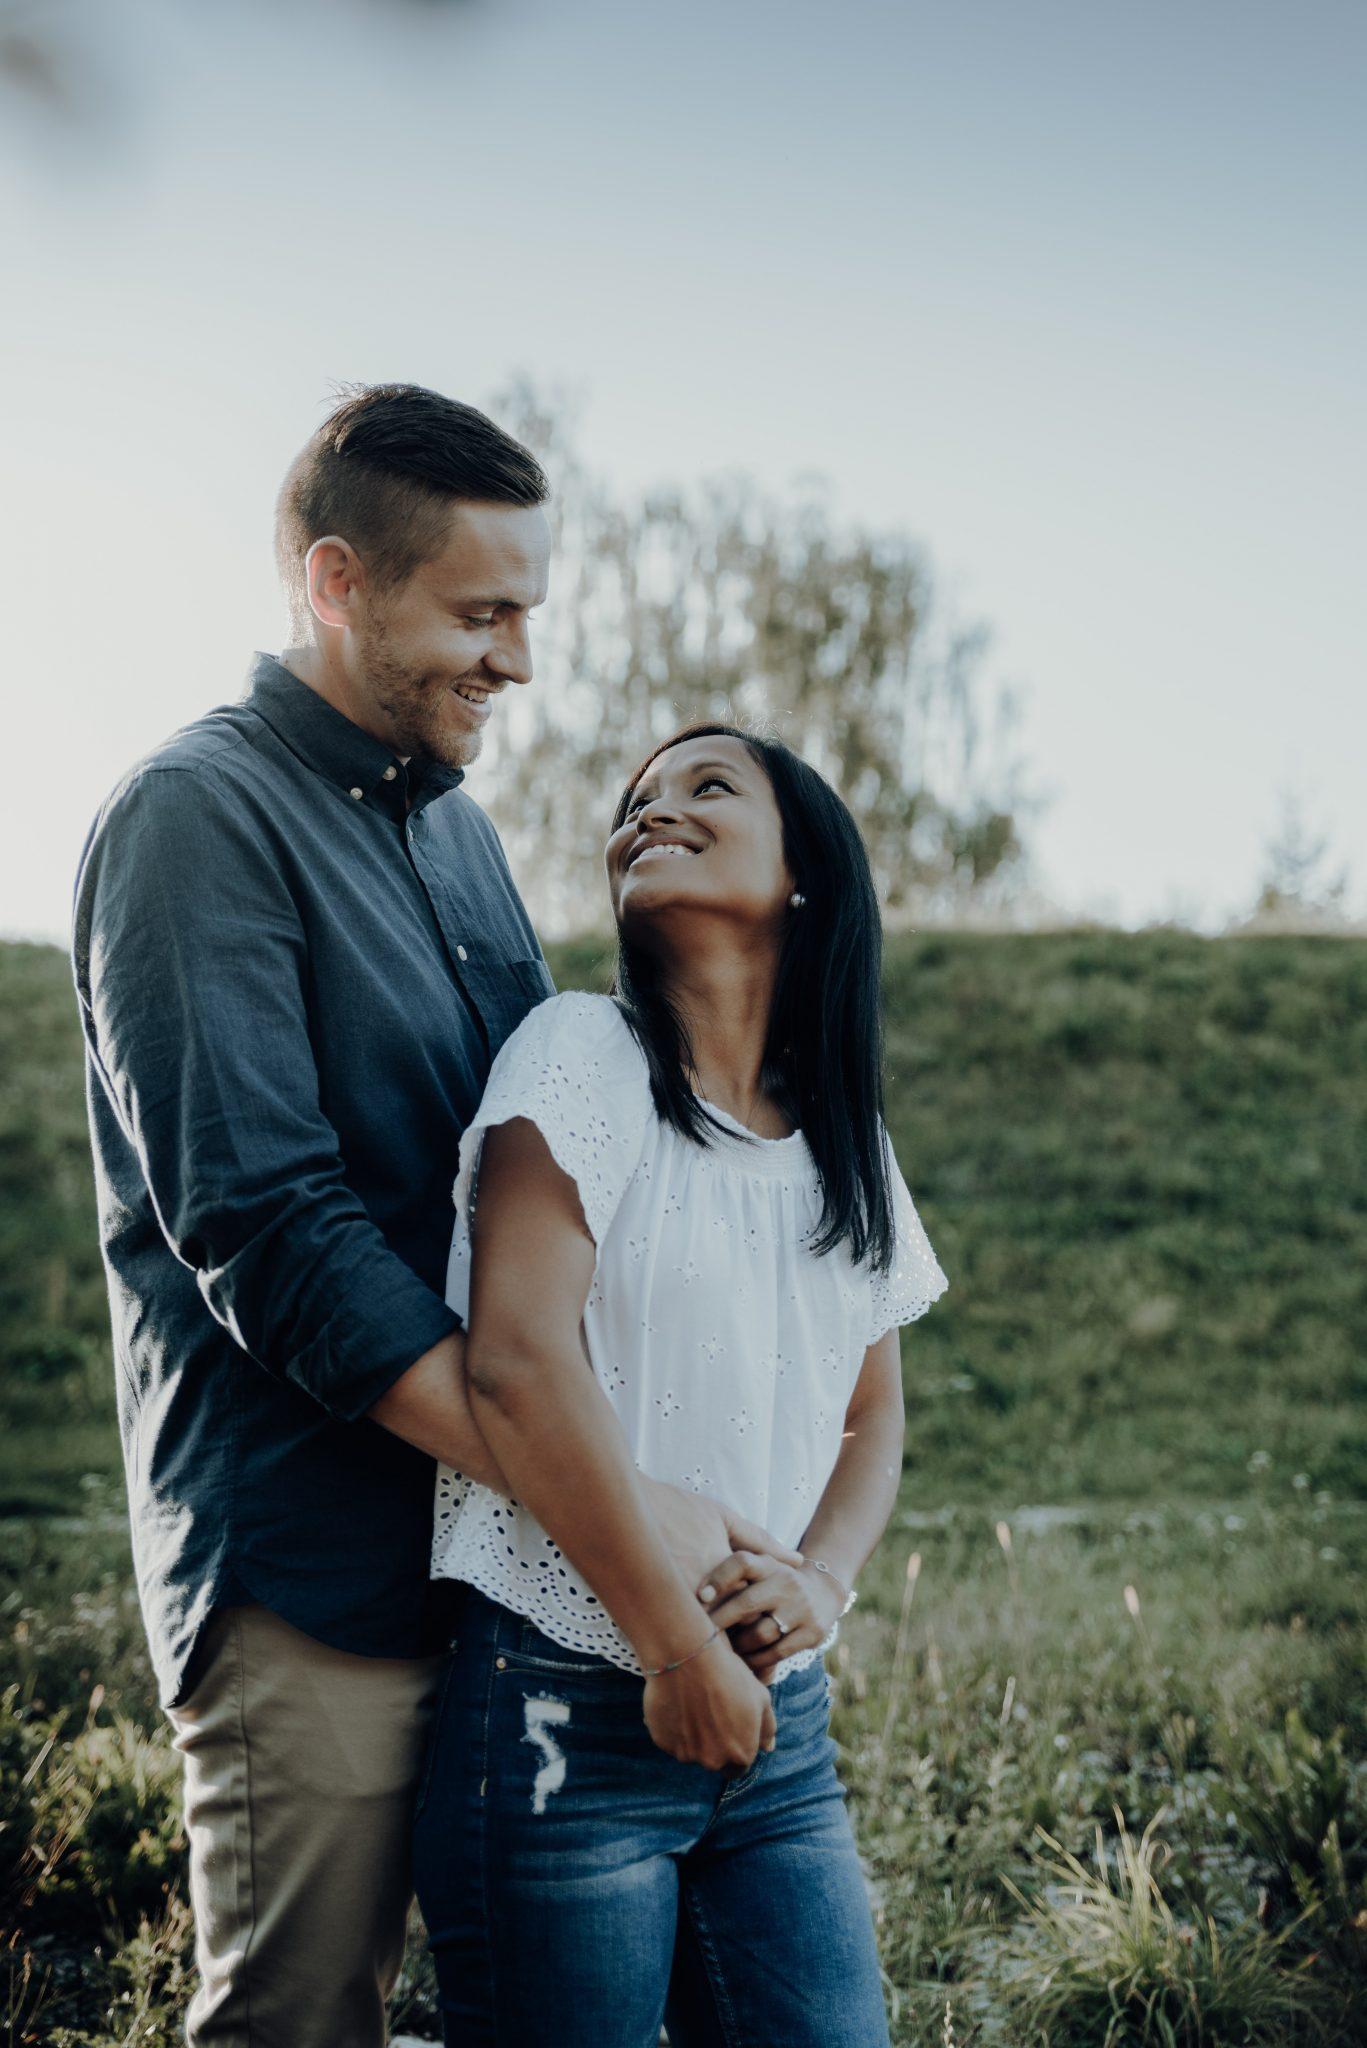 Frau steht vor Mann und lacht ihn über die Schulter schauend an